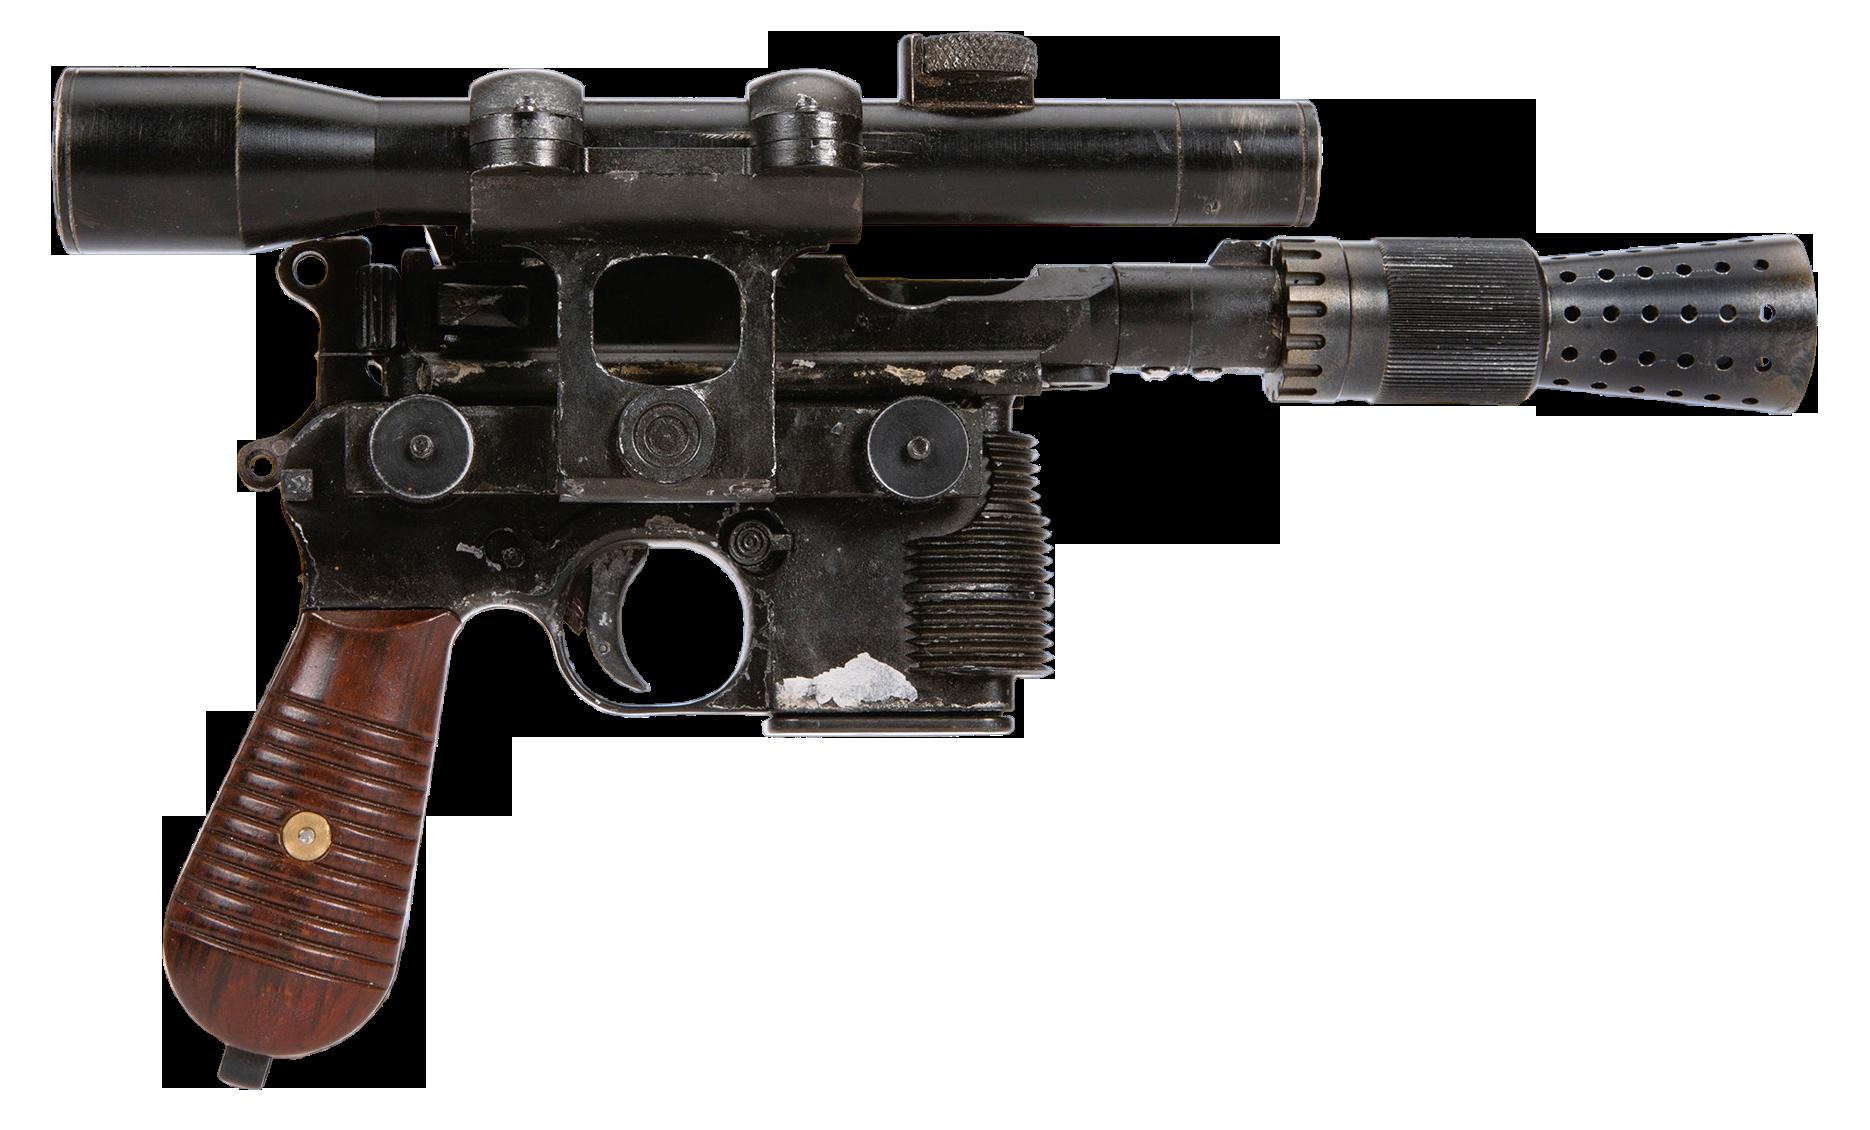 Han's heavy blaster pistol